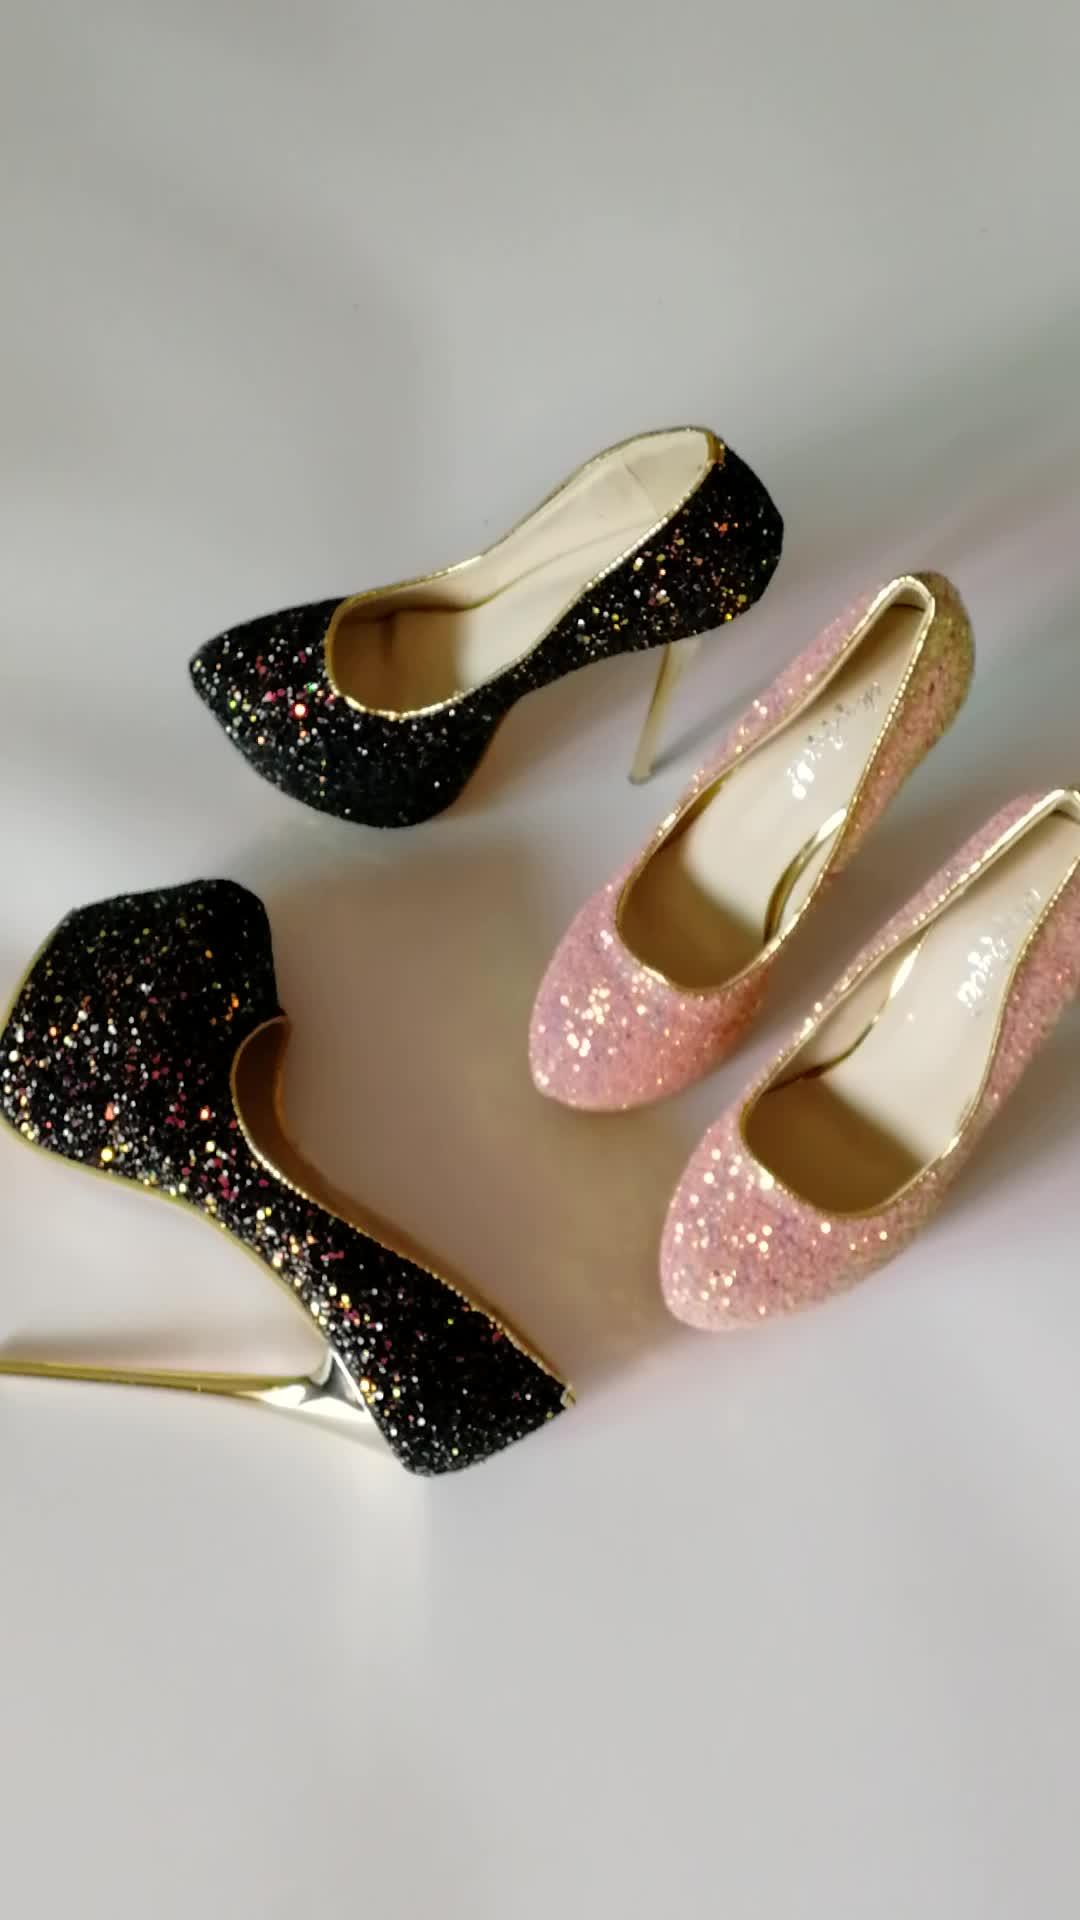 Sapatas das senhoras sapatos de salto alto à prova d' água 8cm de salto alto mulheres sapatos